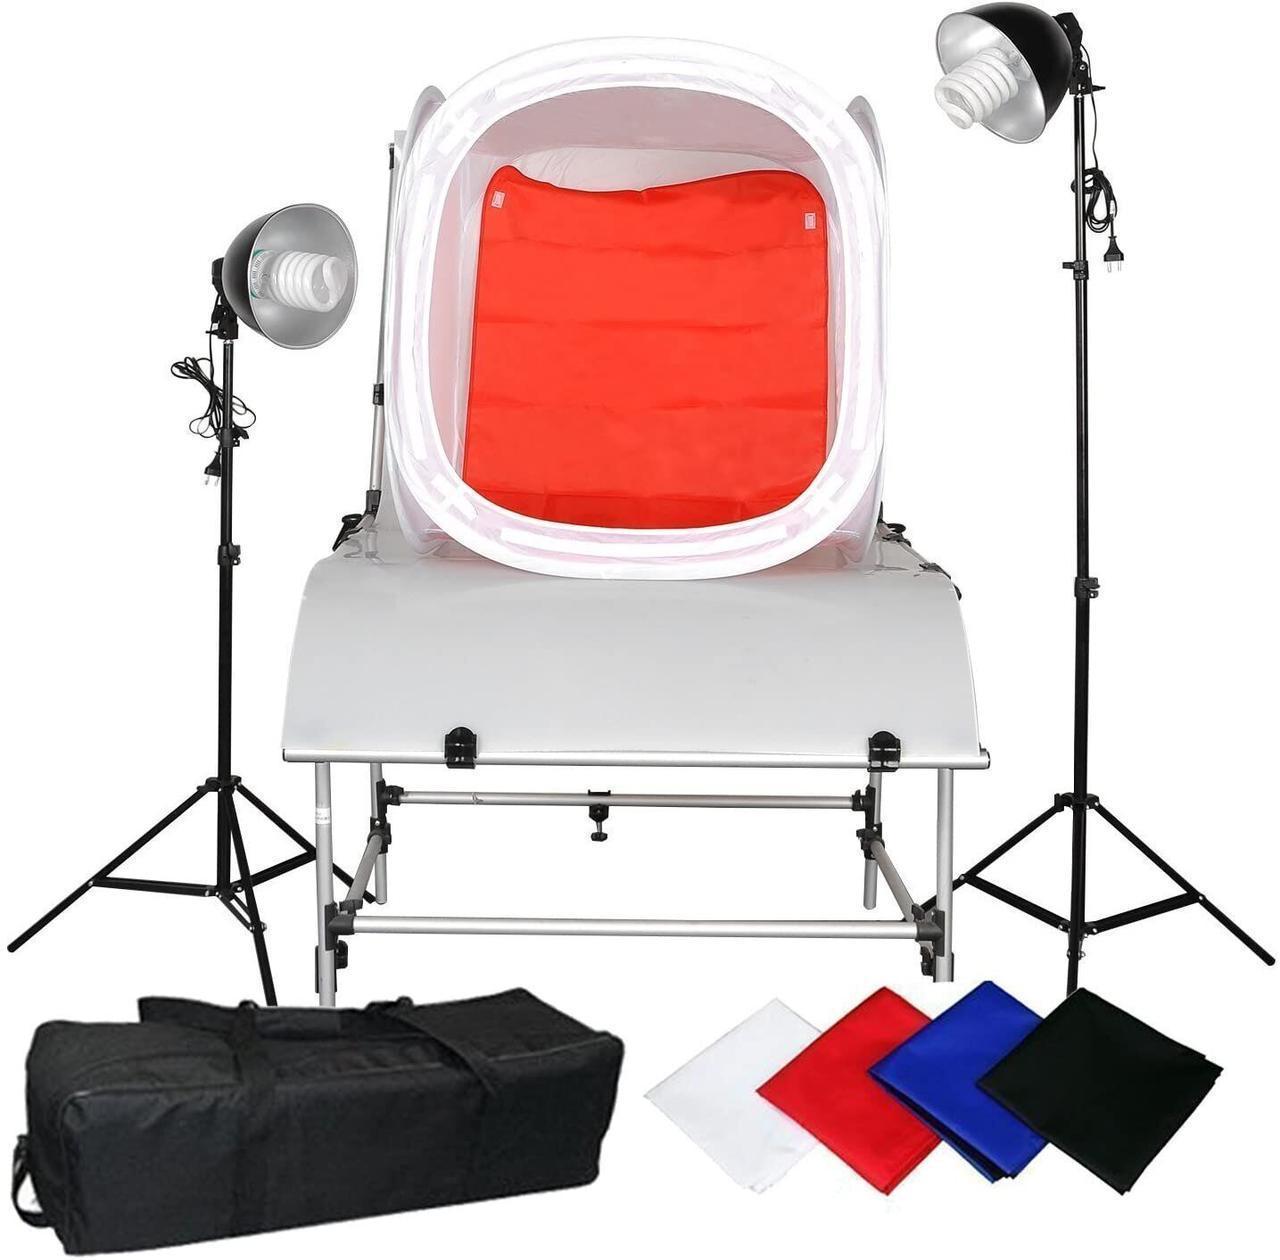 Набір для предметної зйомки Cube Box з лампами і штативами CA9048